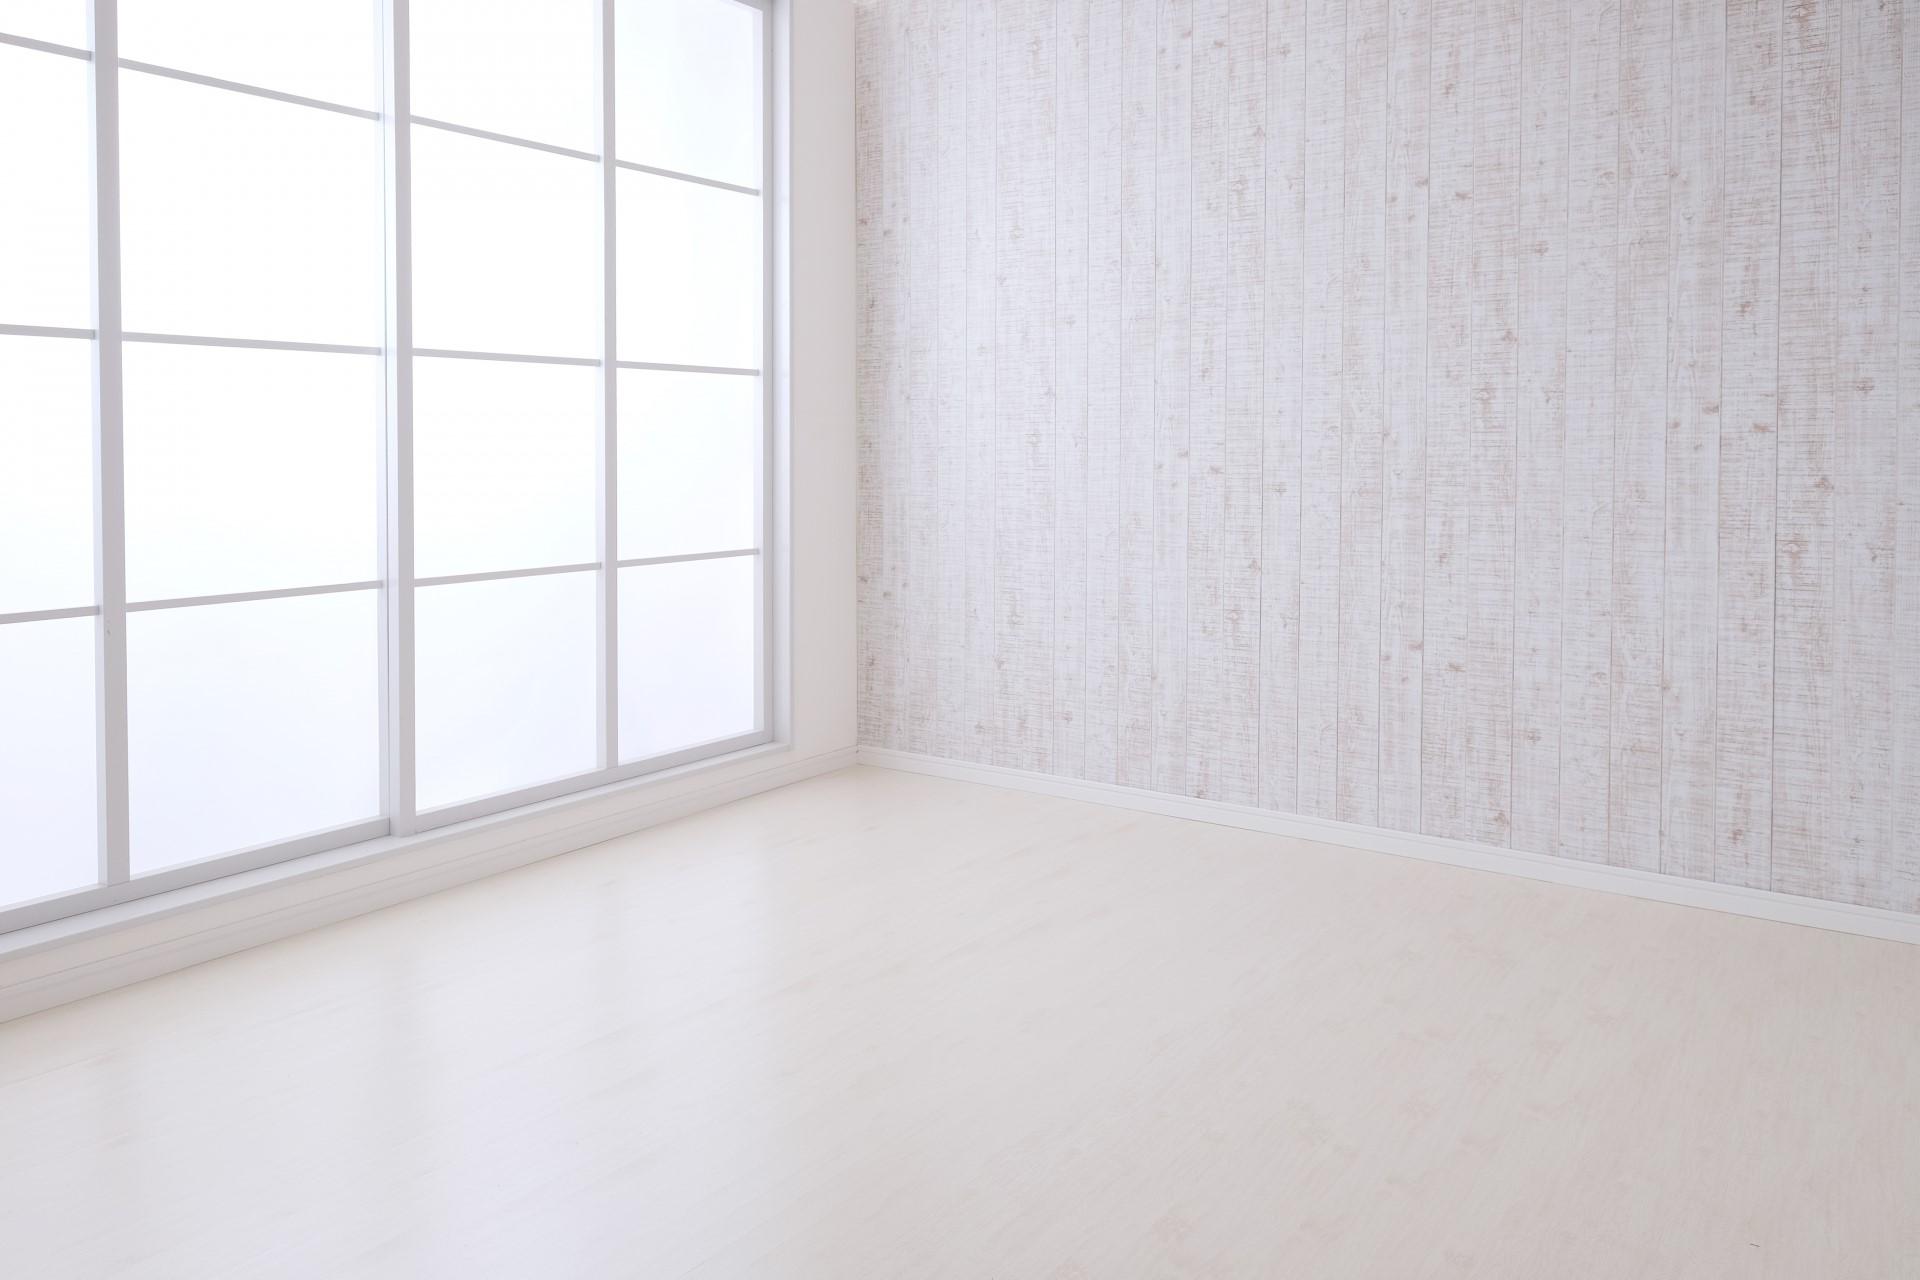 室内壁のカビ殺菌方法